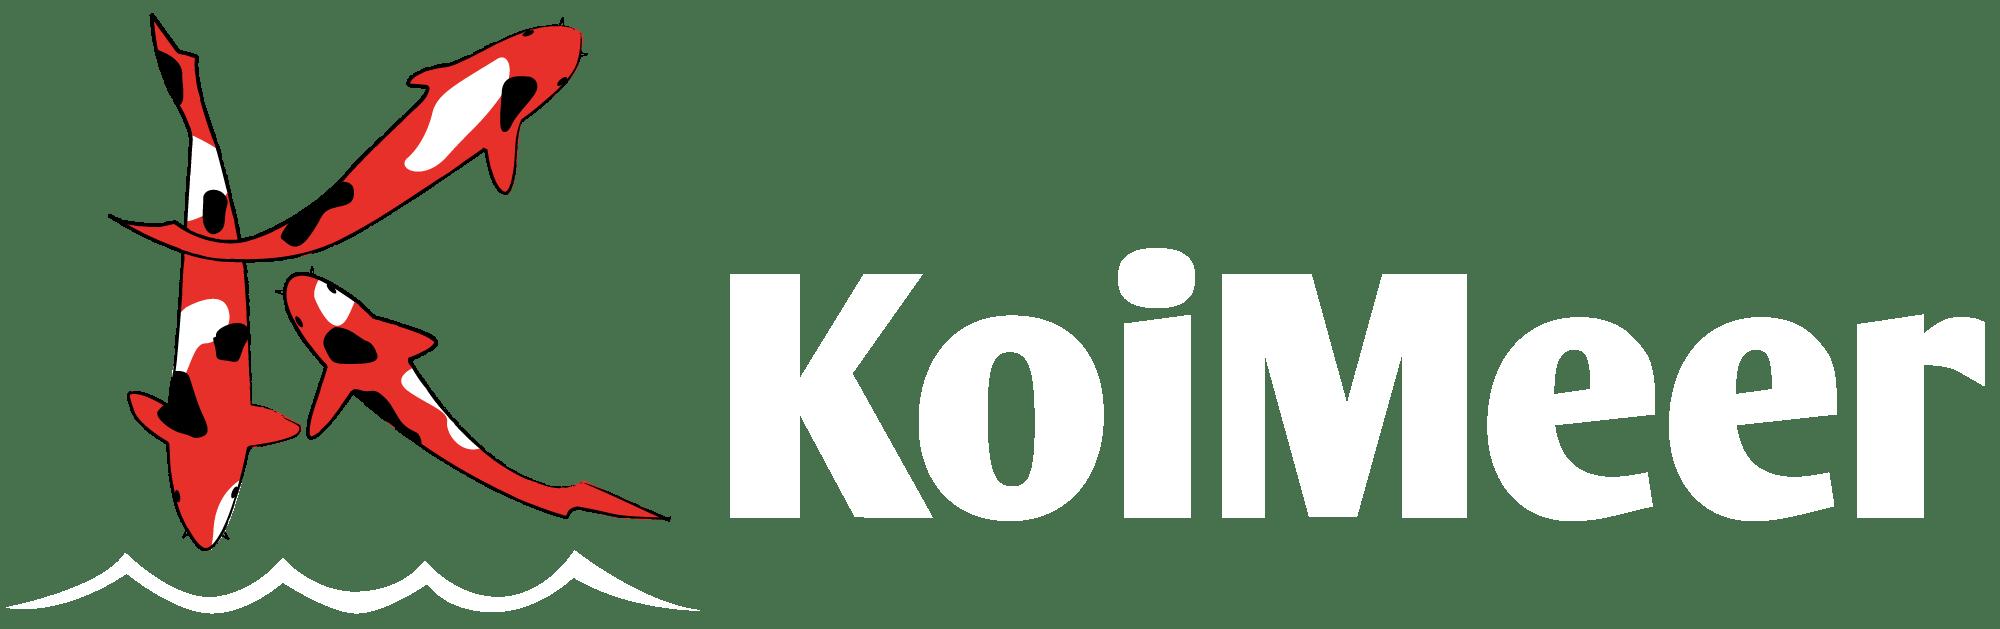 KoiMeer